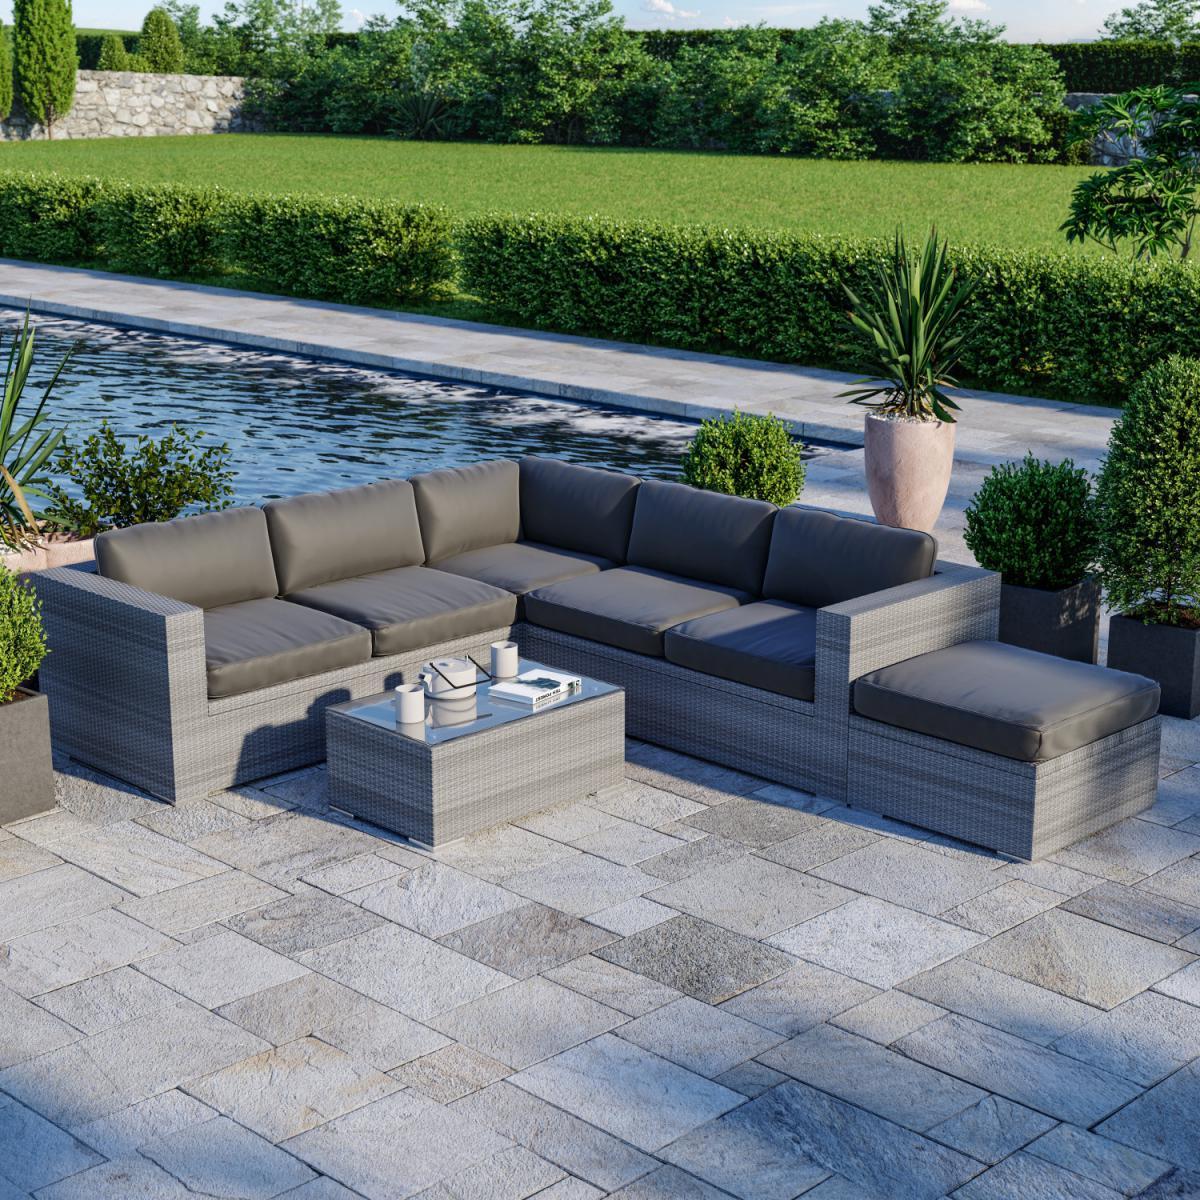 Avril Paris Salon de jardin résine tressée d'angle fonctionnel avec coffre de rangement intégré - gris - FARENZA